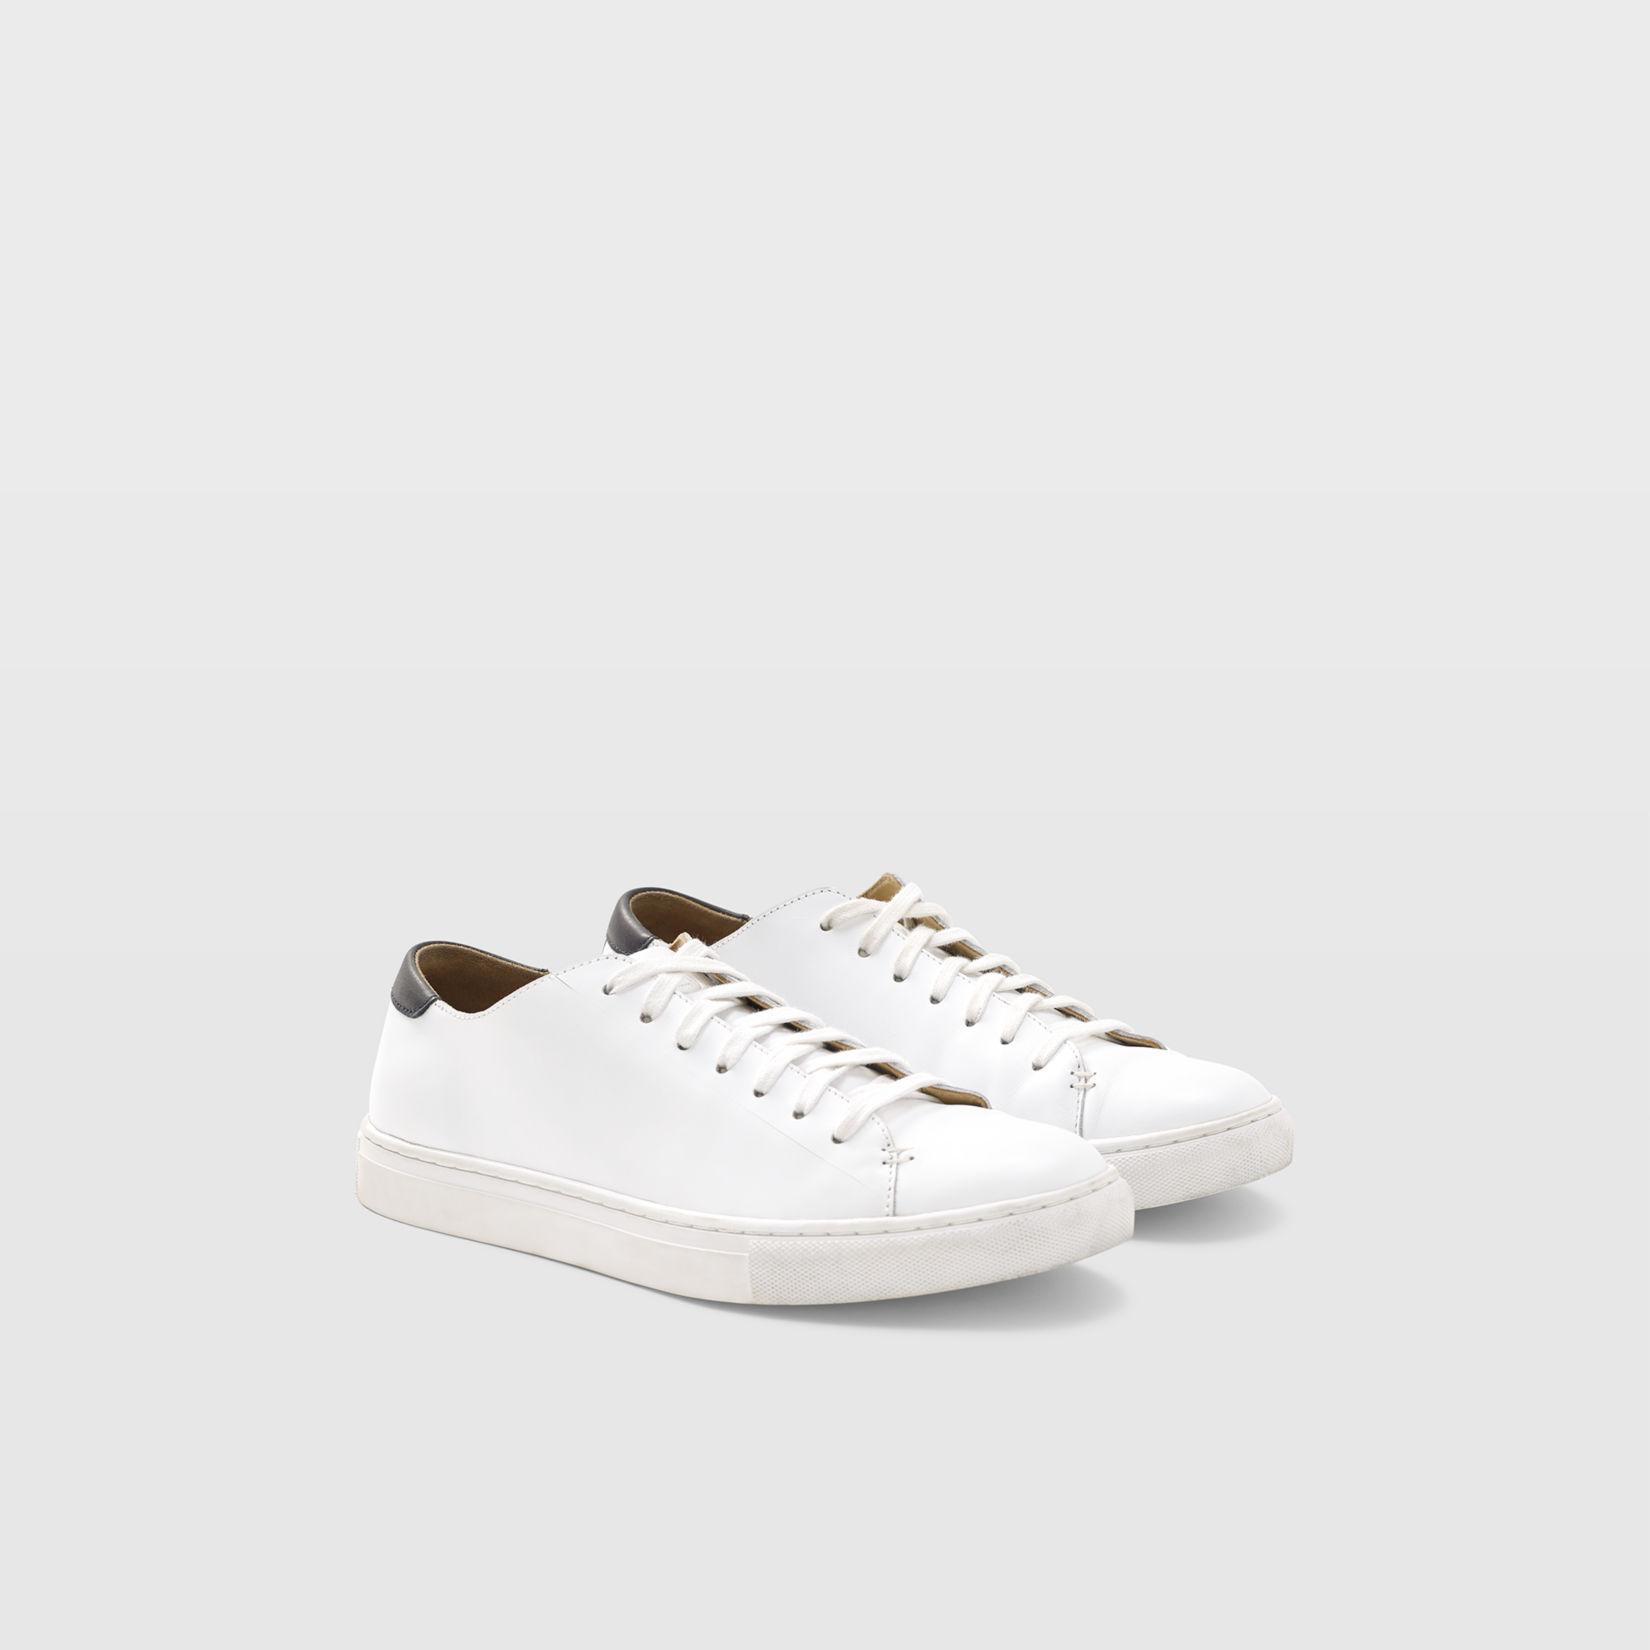 e28ce8463d3b Club Monaco Leather Sneaker